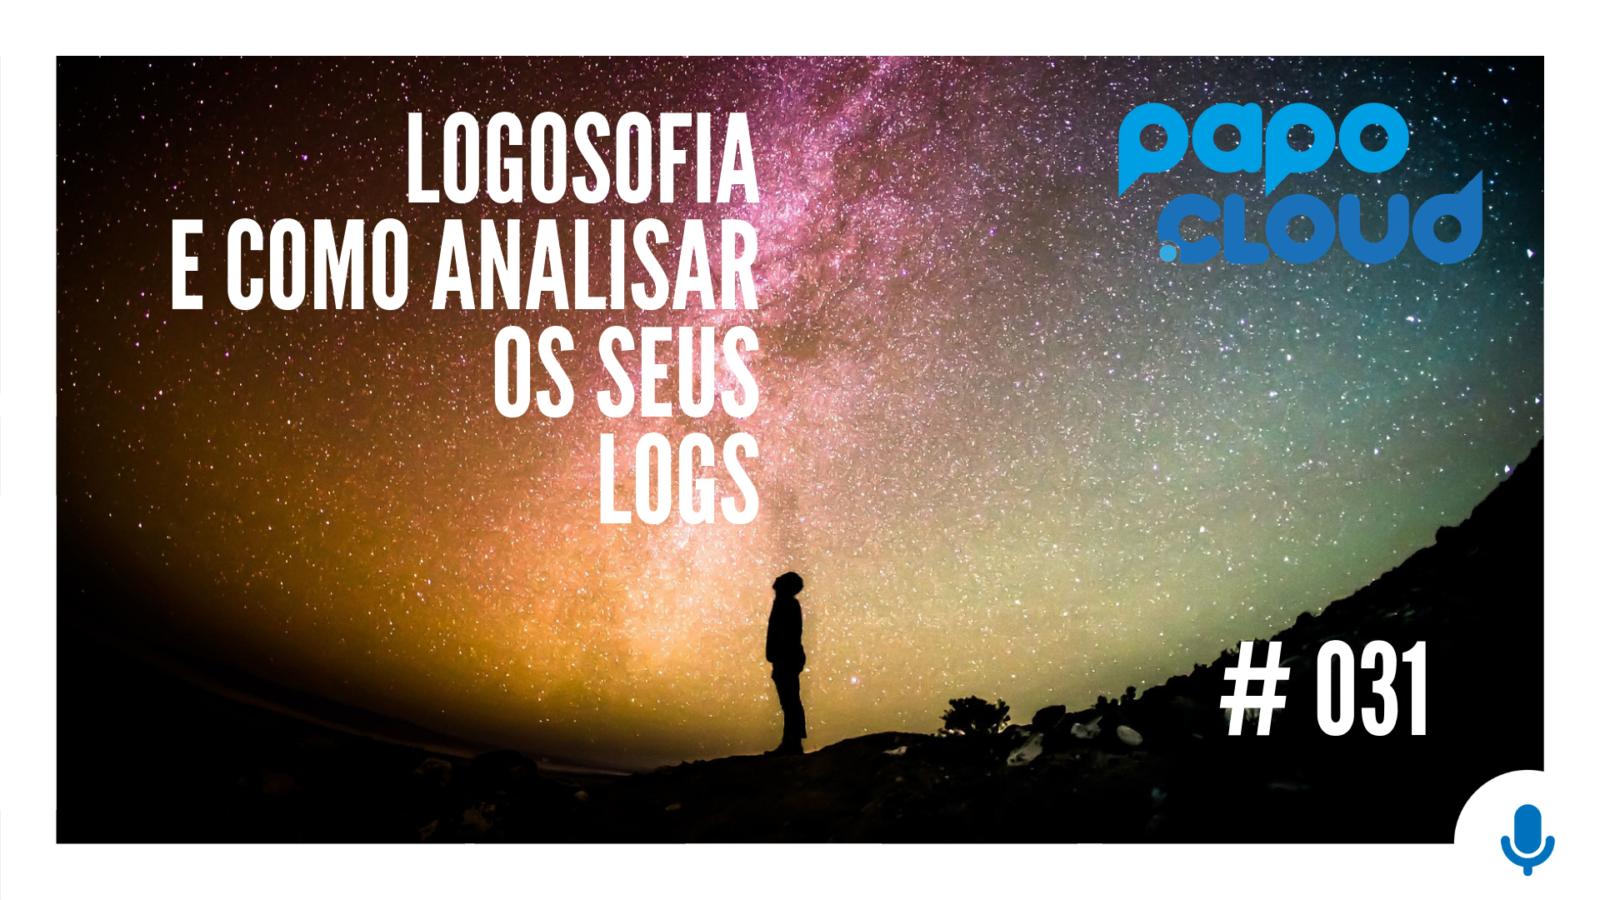 Papo Cloud 031 - Logosofia e como analisar os seus LOGs